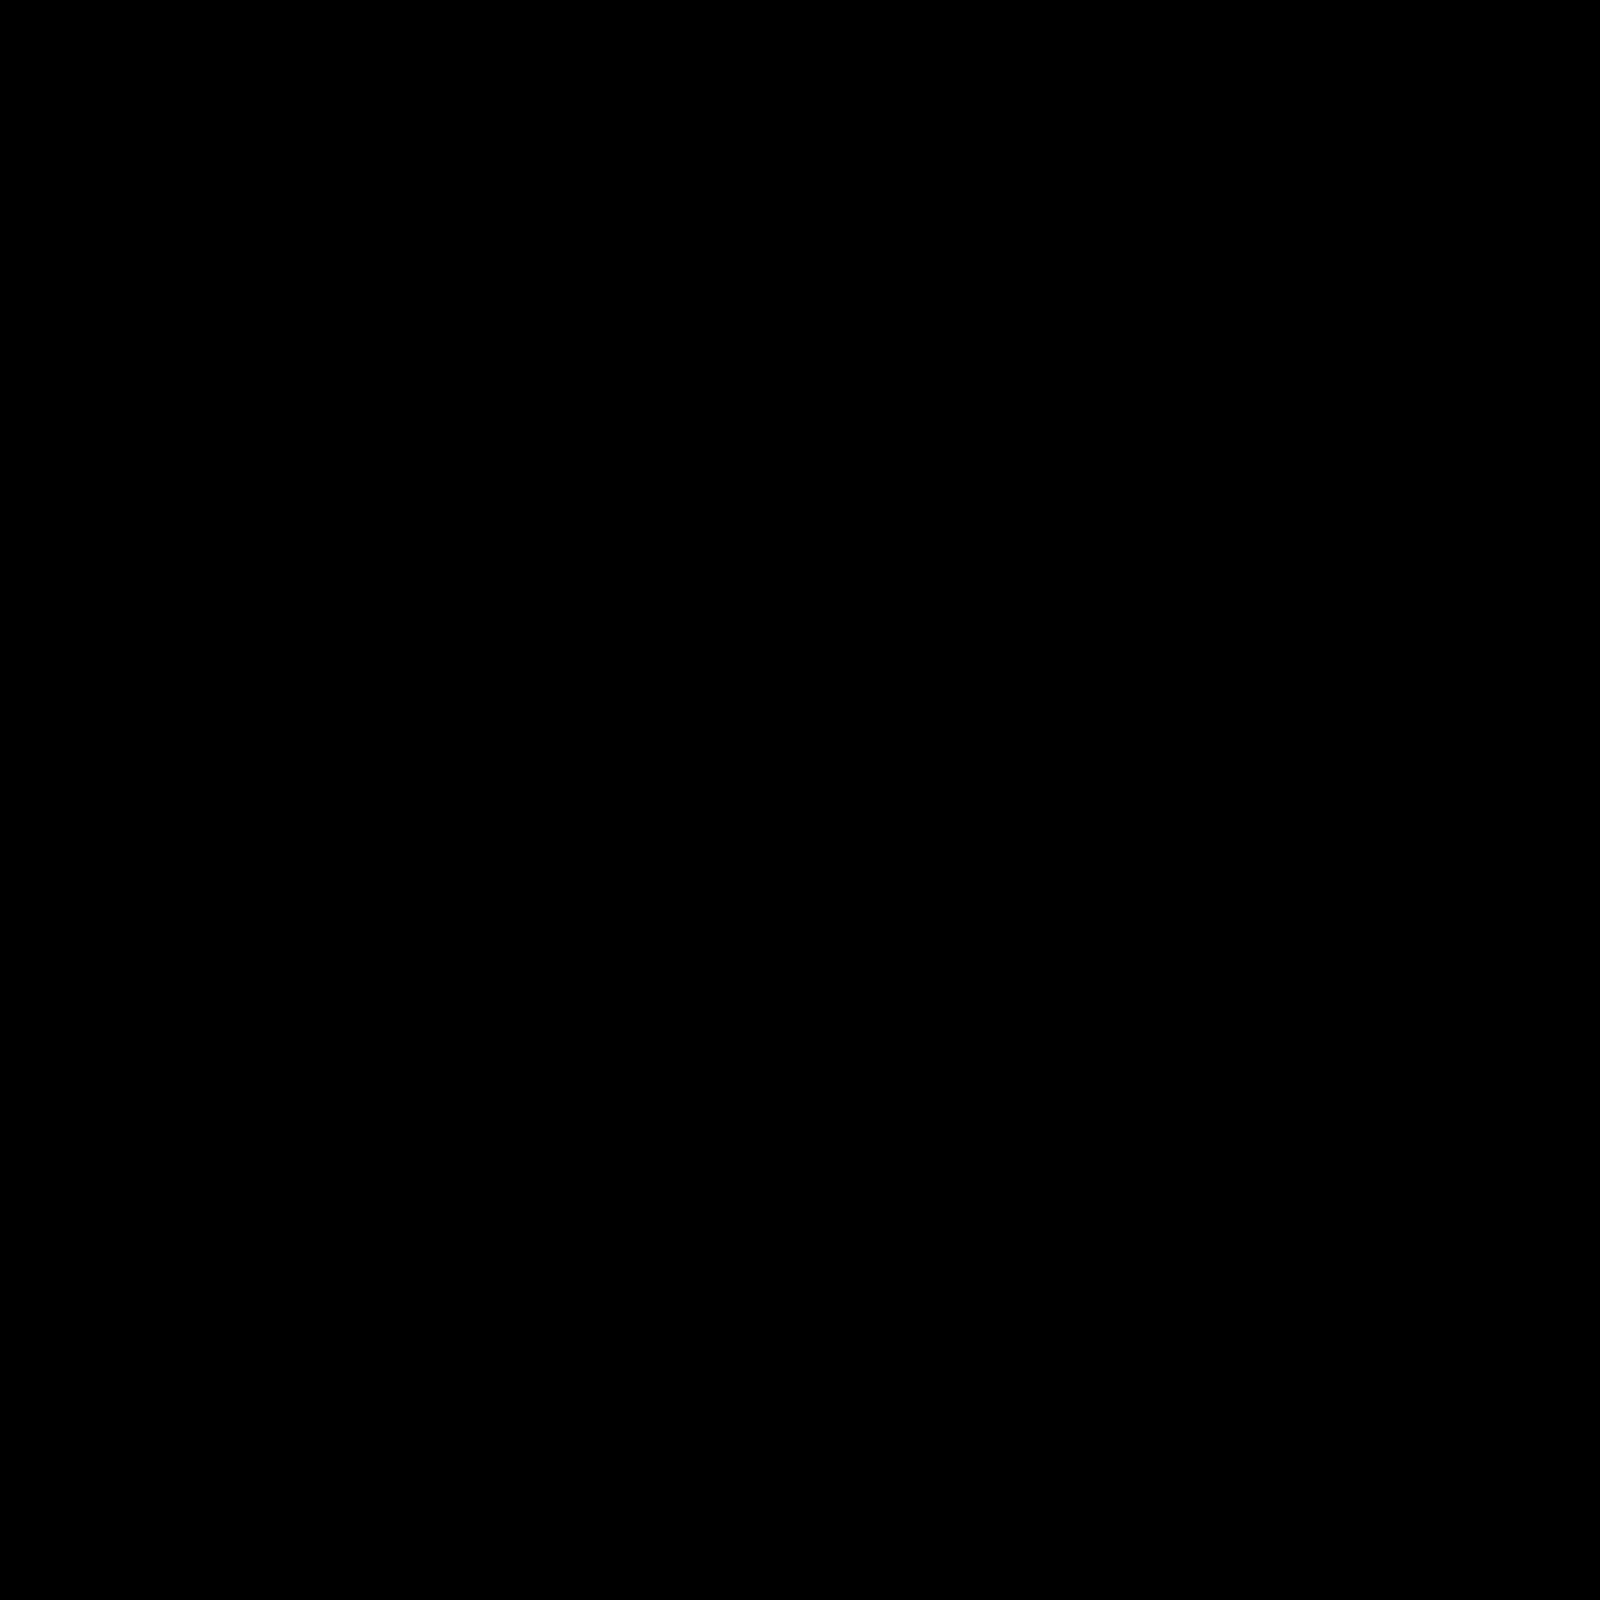 Sportschuhe icon